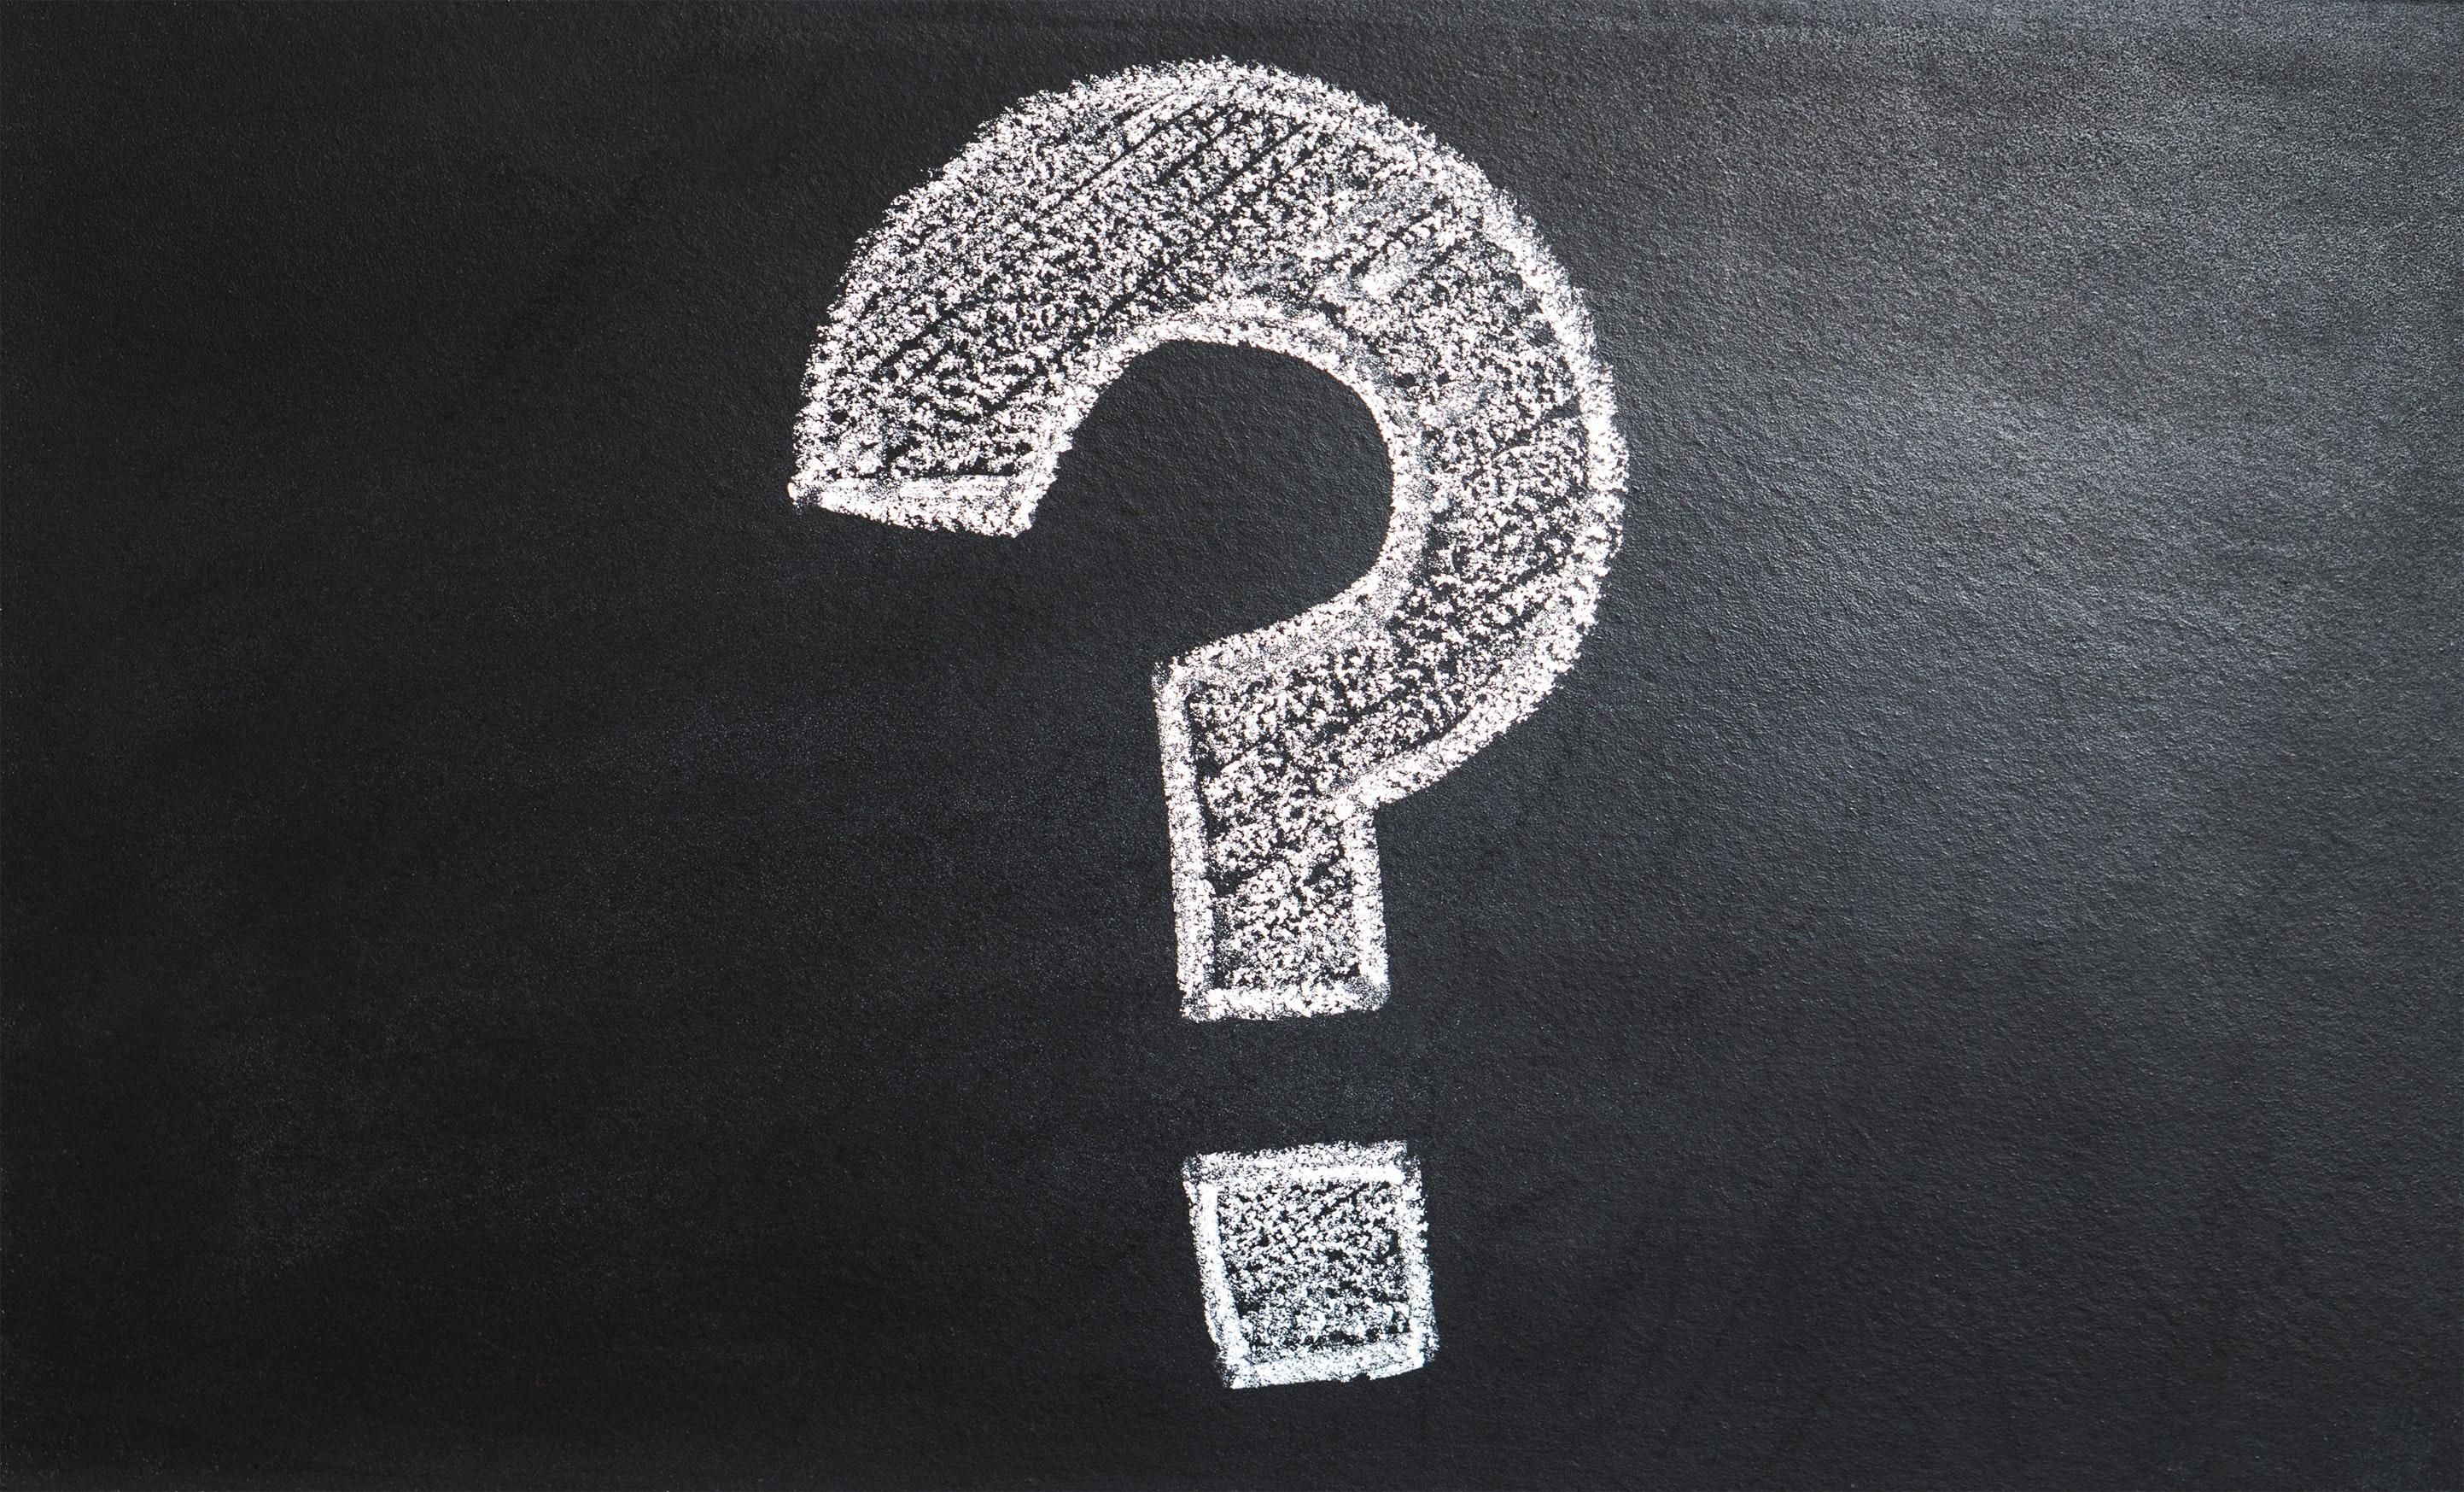 プロフィールを熟読し、質問内容を考えておく